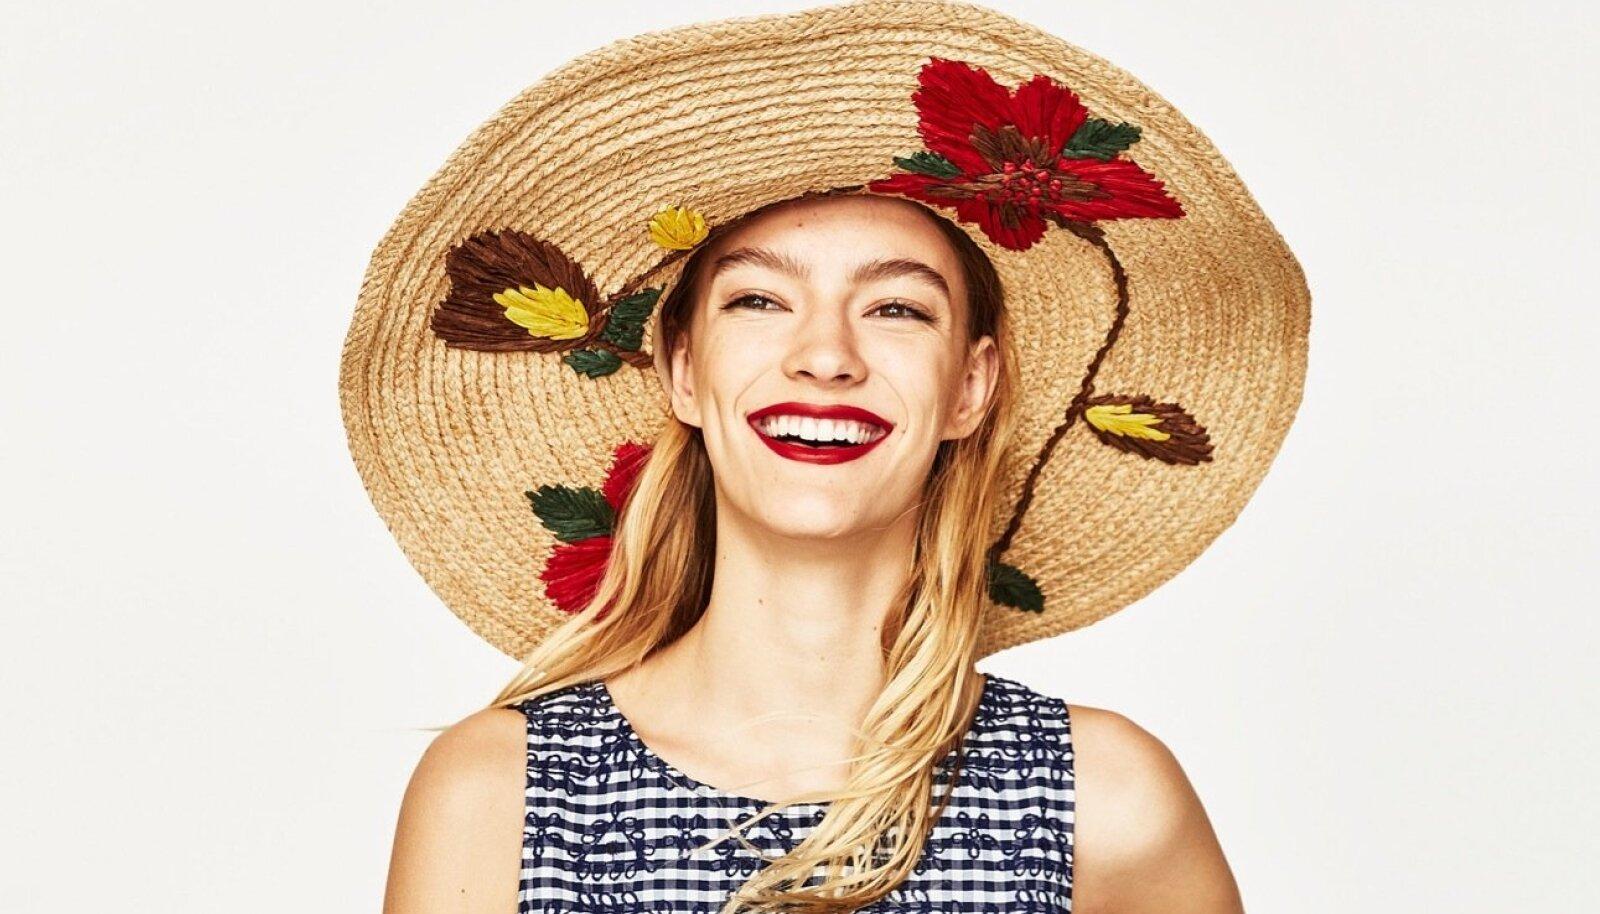 Kui sul oleks võimalik lisada oma suvegarderoobi üksainus ese, siis mille valiksid? Soovitame just efektset kübarat – pole suvekleiti, millele see ei suudaks uut elu sisse puhuda. Zara, 25.95